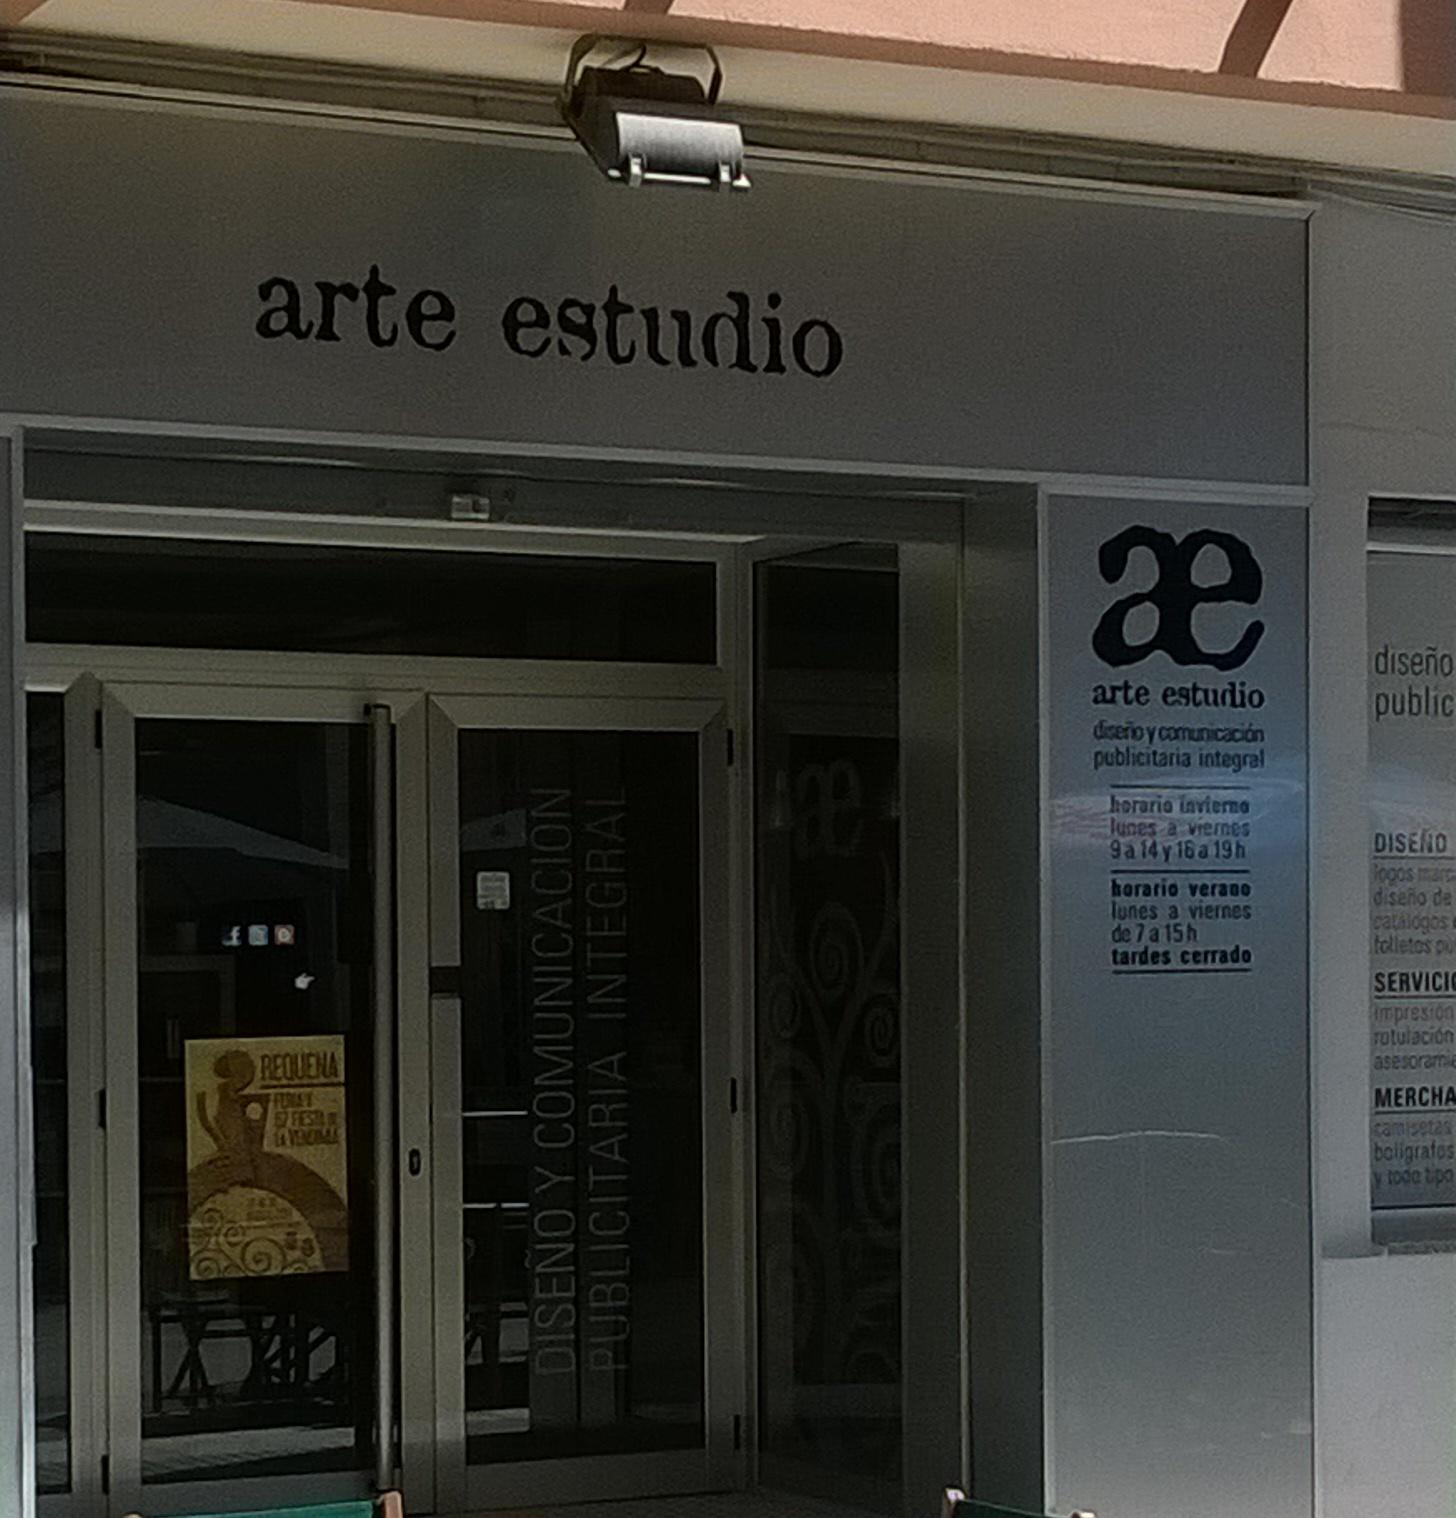 Arte estudio